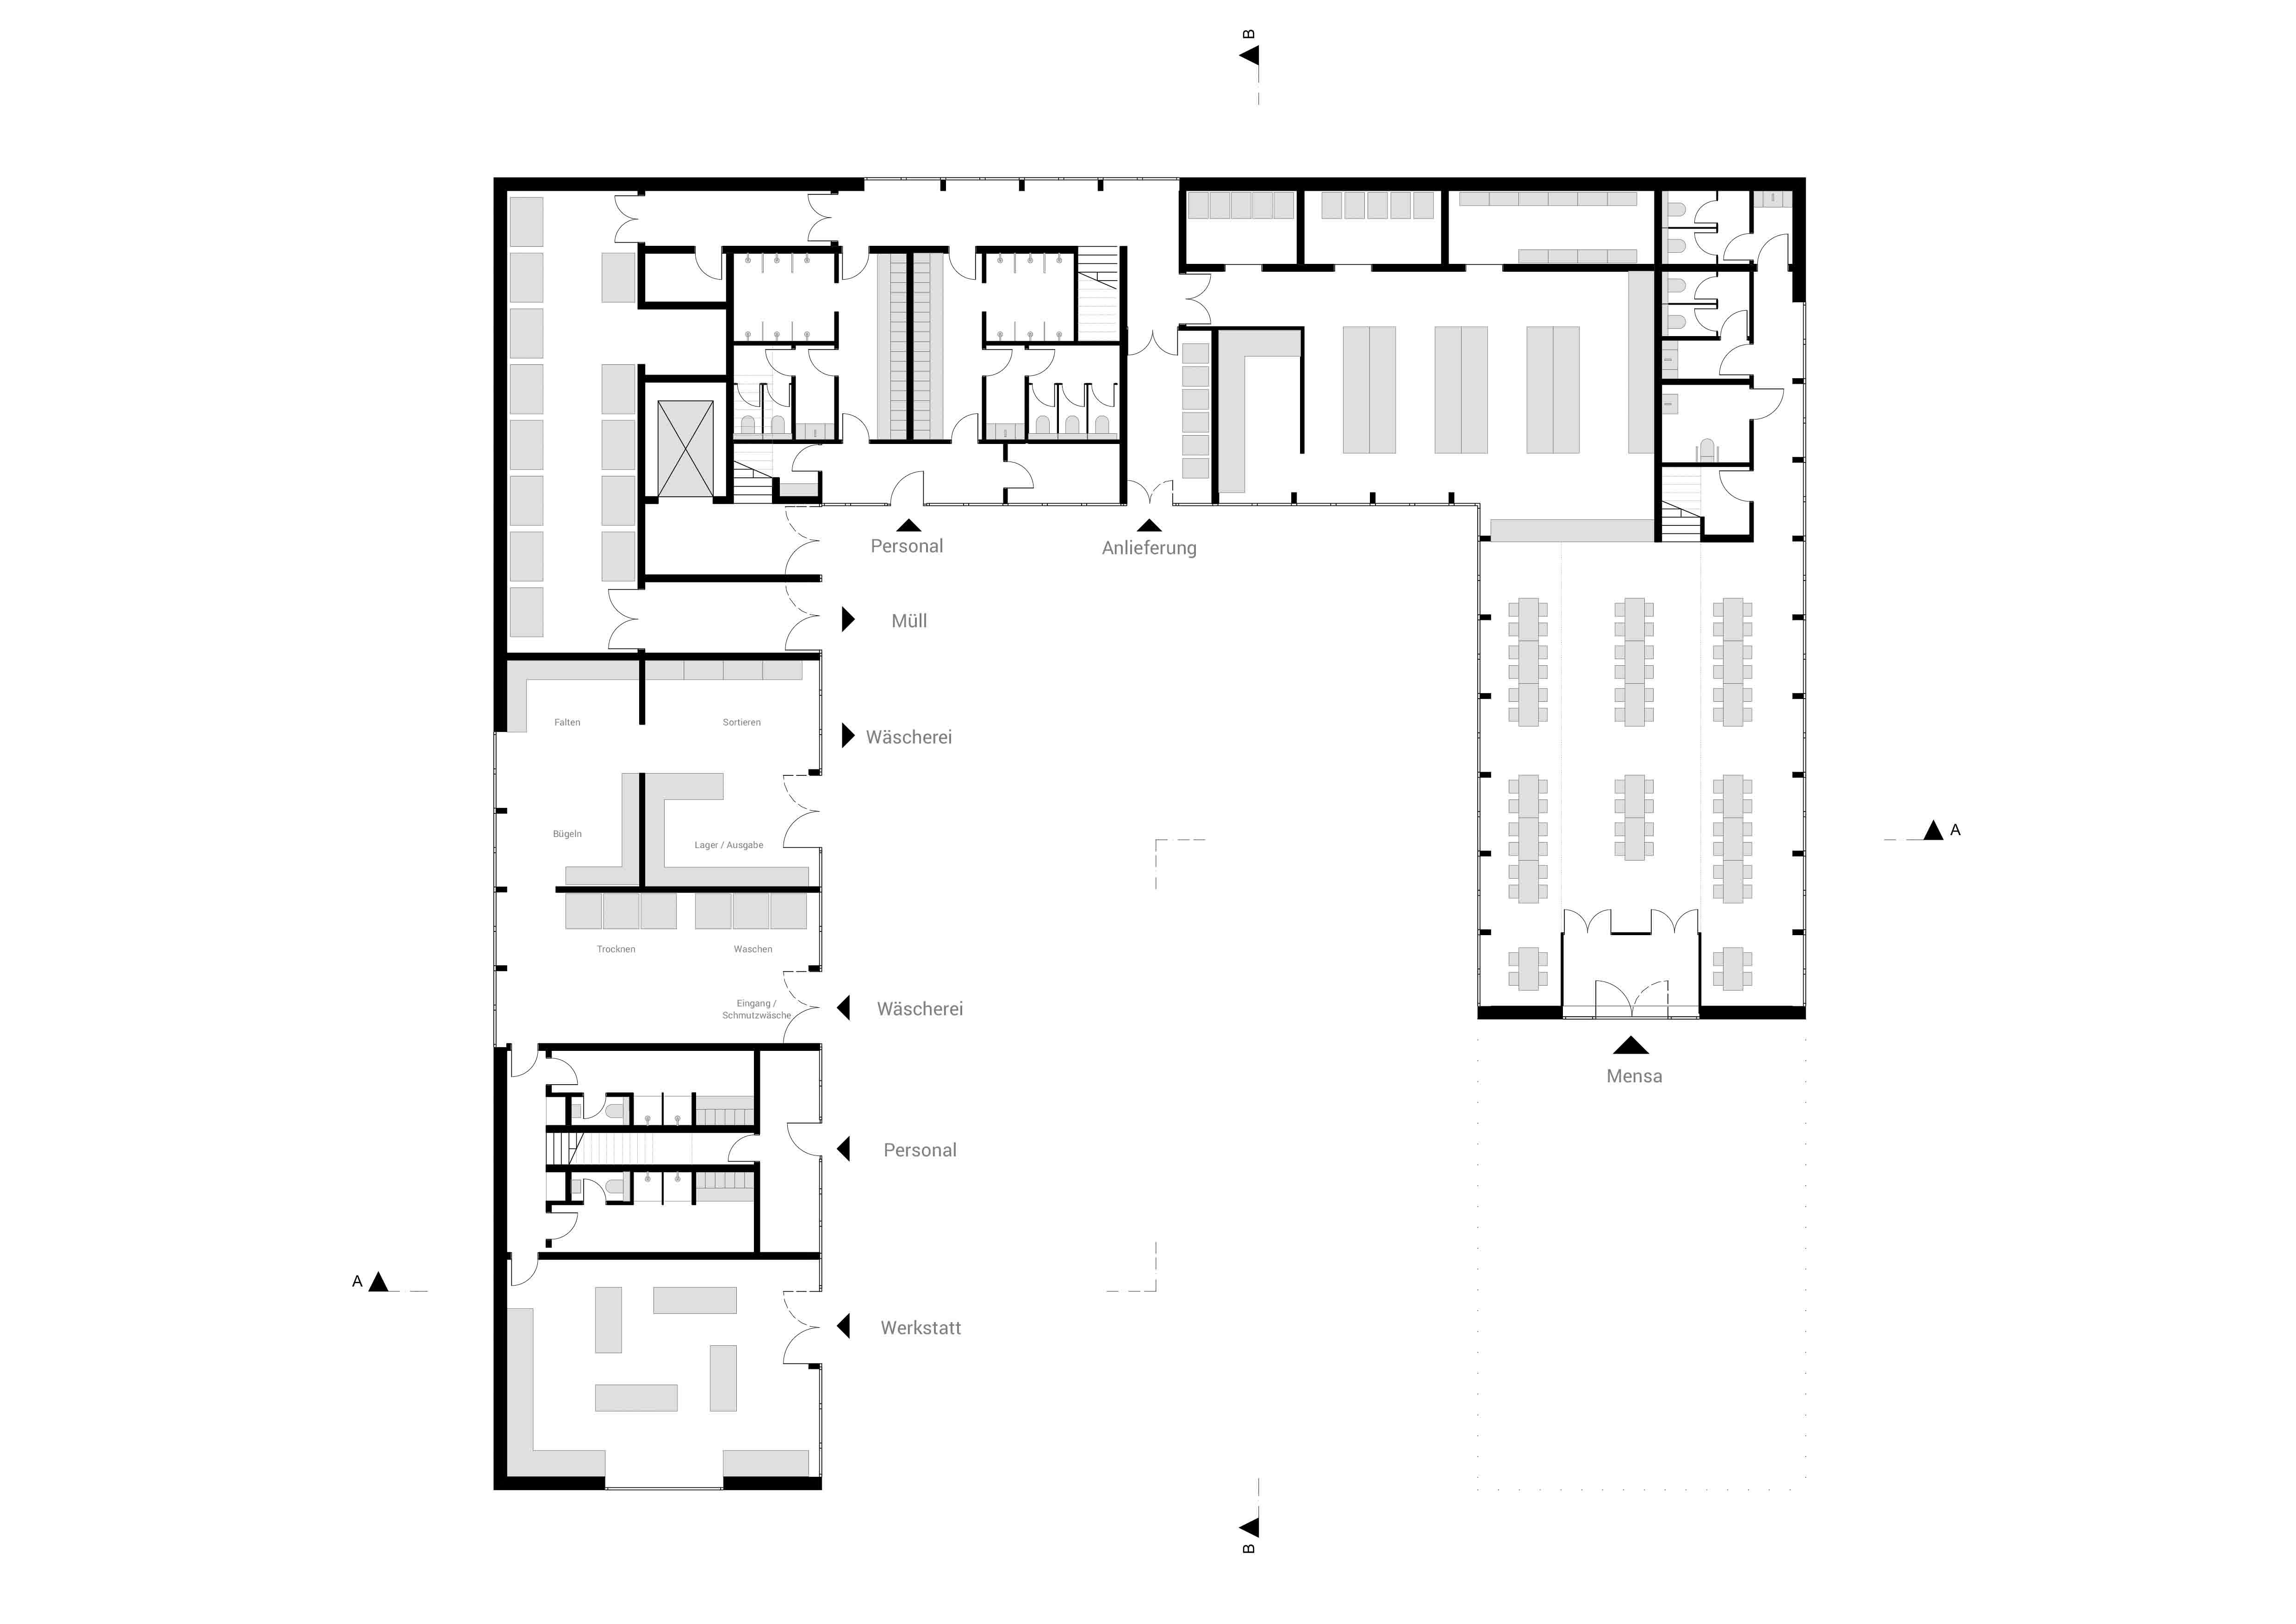 KUBIK Architektur - Studio für Architektur Berlin - architecture - Projekt- Hotellogistik - Grundriss